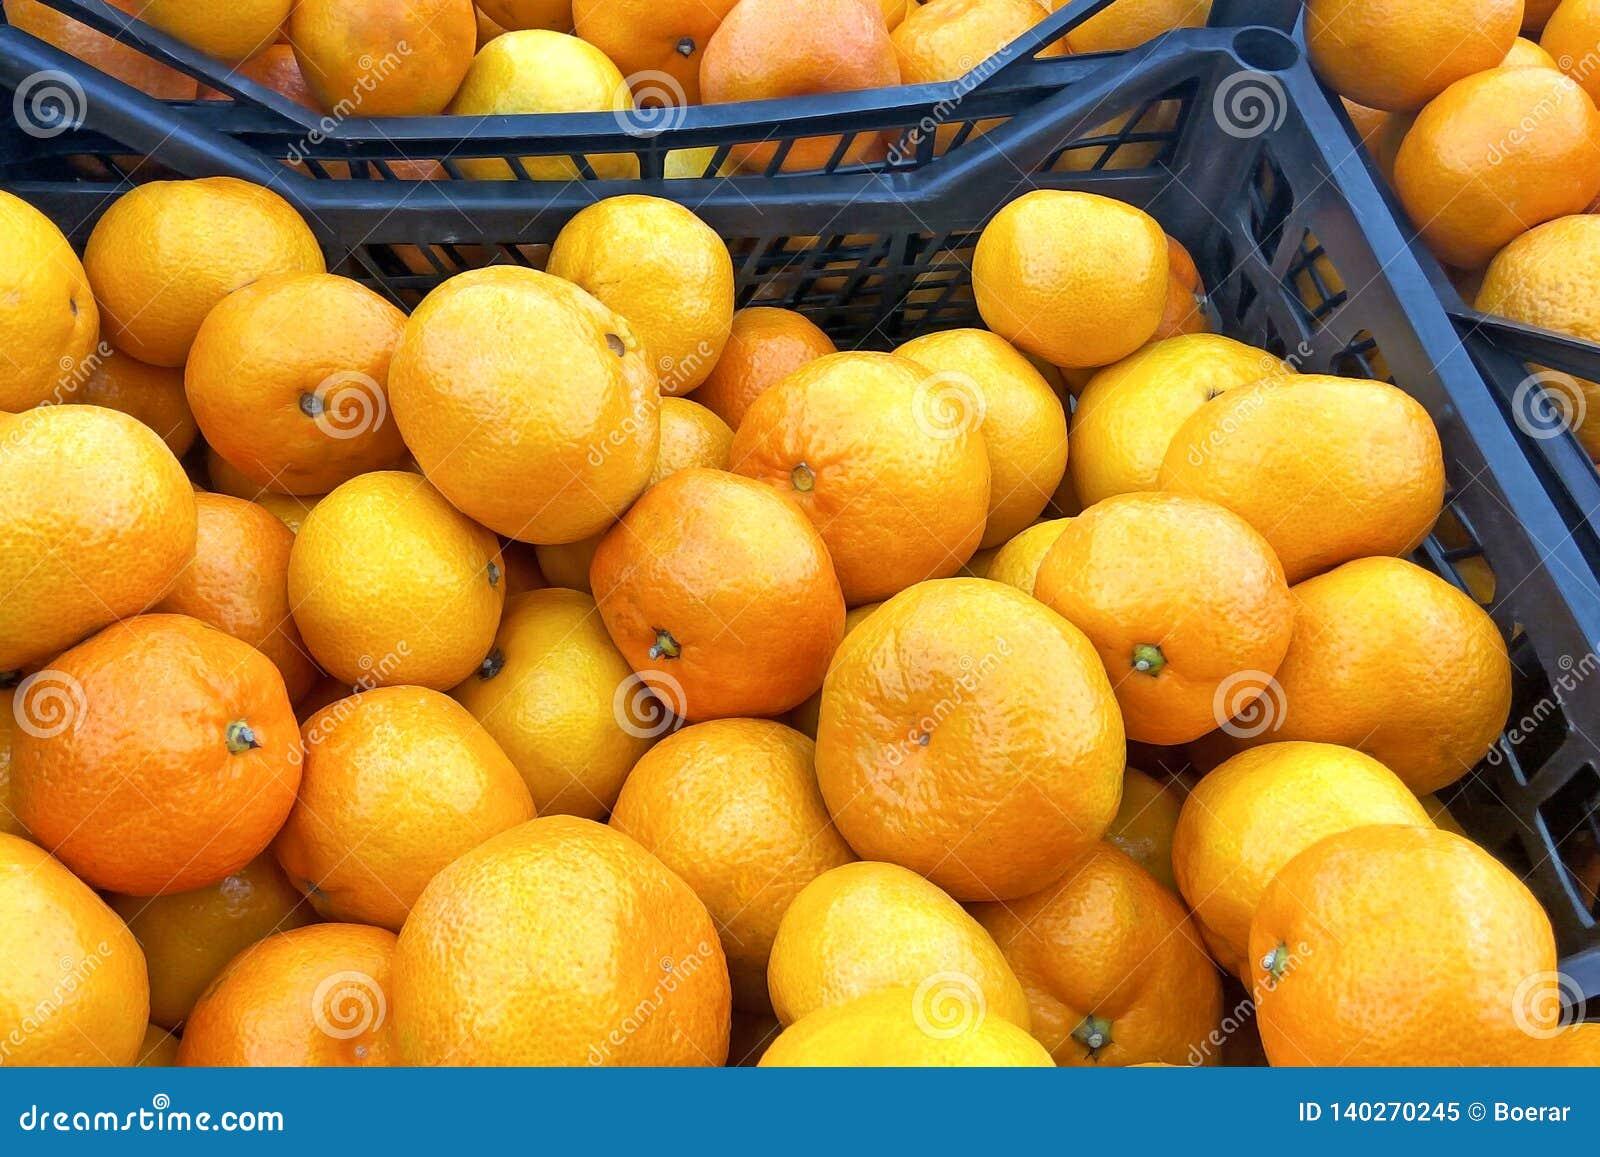 Oranges oranges juteuses de mandarines, mandarines, clémentines, agrumes avec des feuilles sur le marché